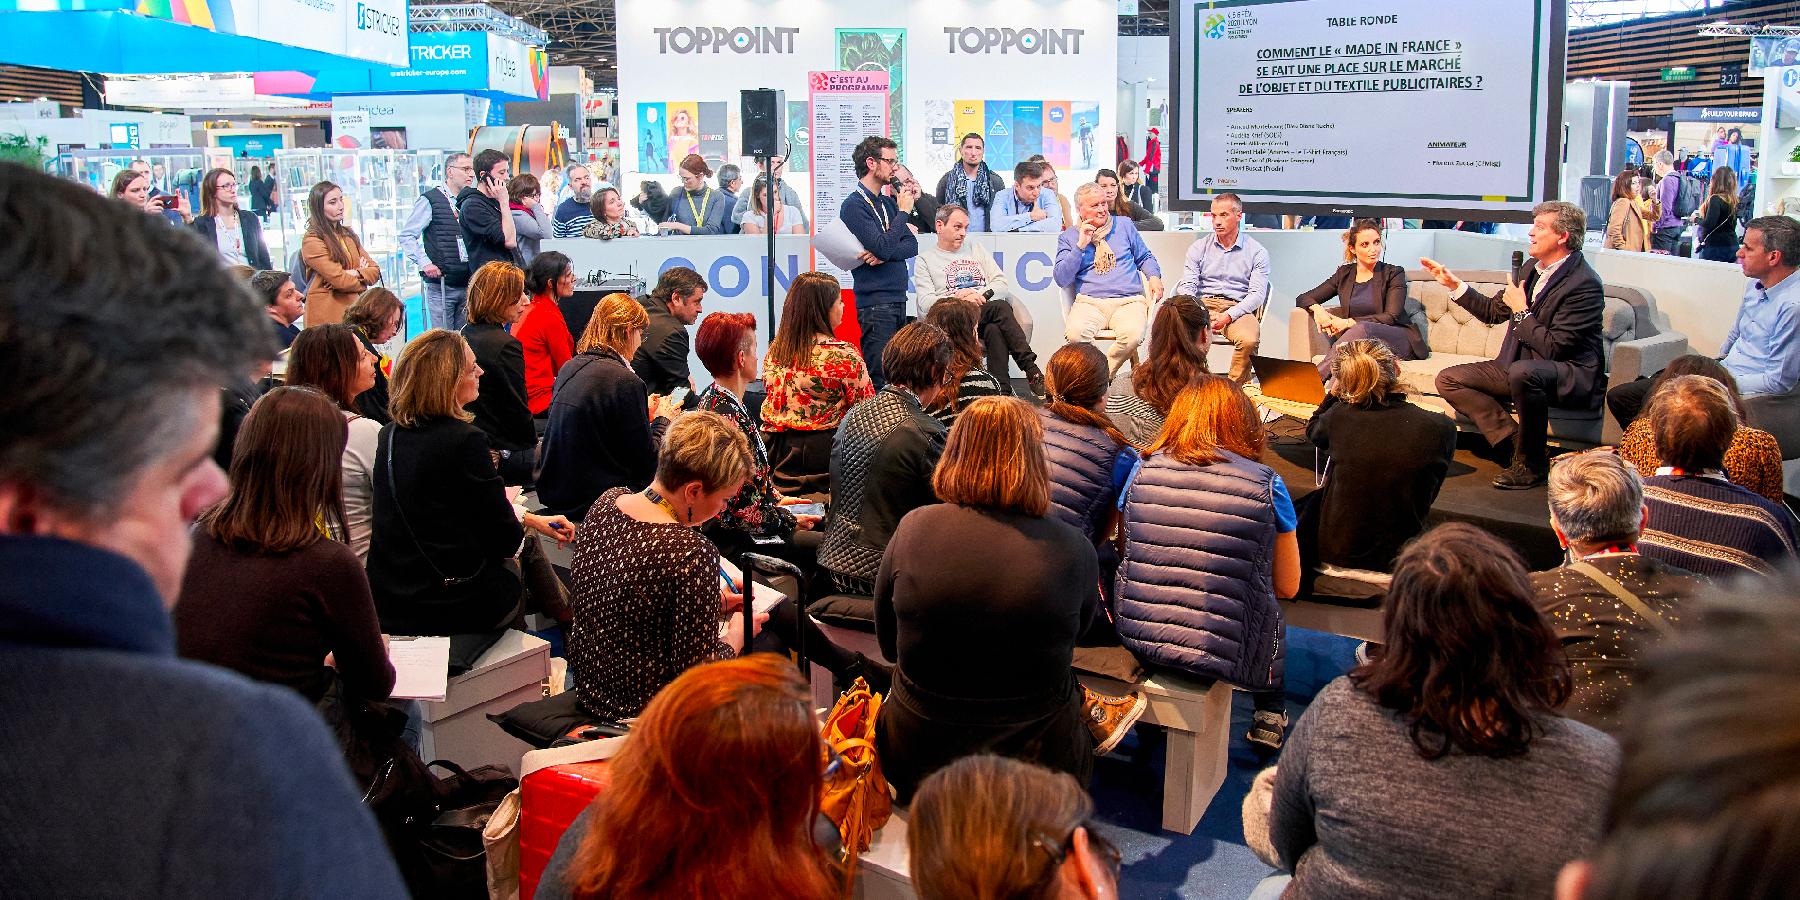 Le salon CTCO a accueilli 11 200 visiteurs et 325 exposants pour son édition 2020.